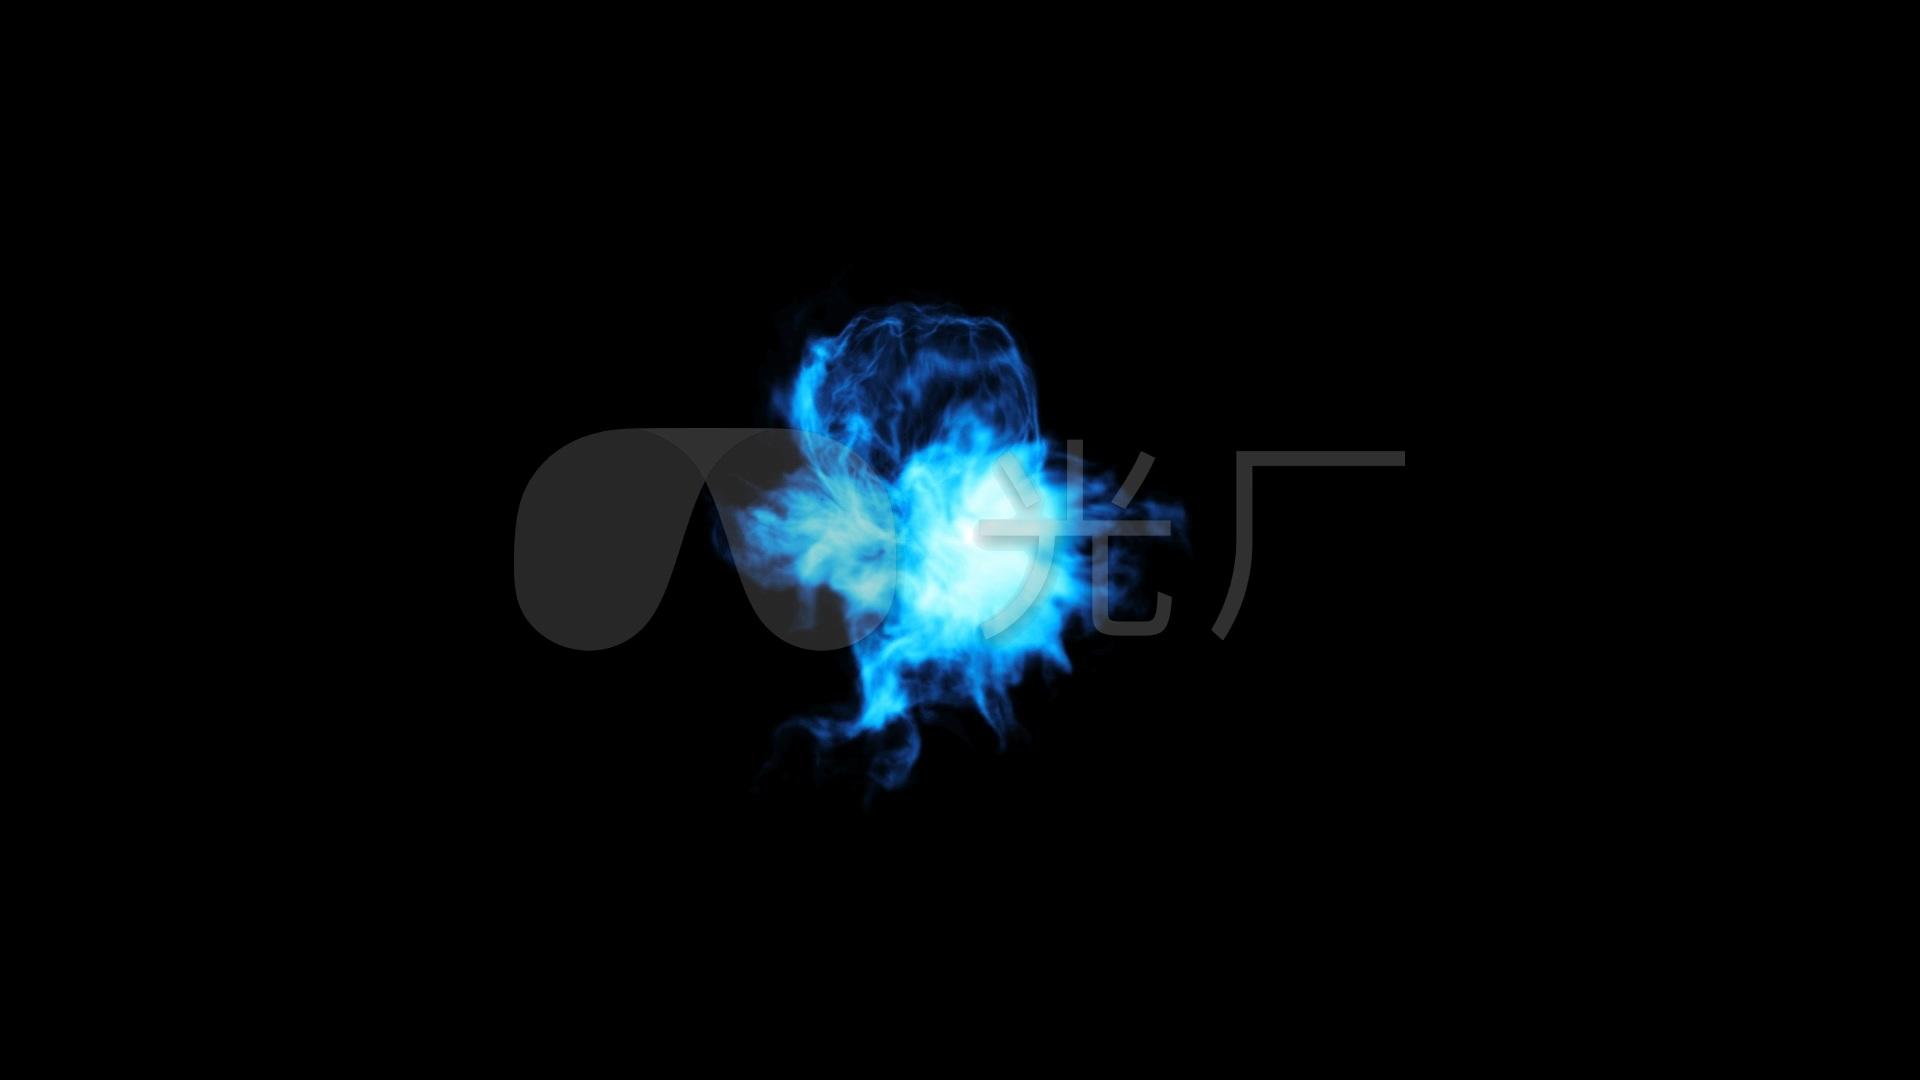 德育素材魔法神秘烟巫师施烟雾_1920X1080_光影魔法视频图片